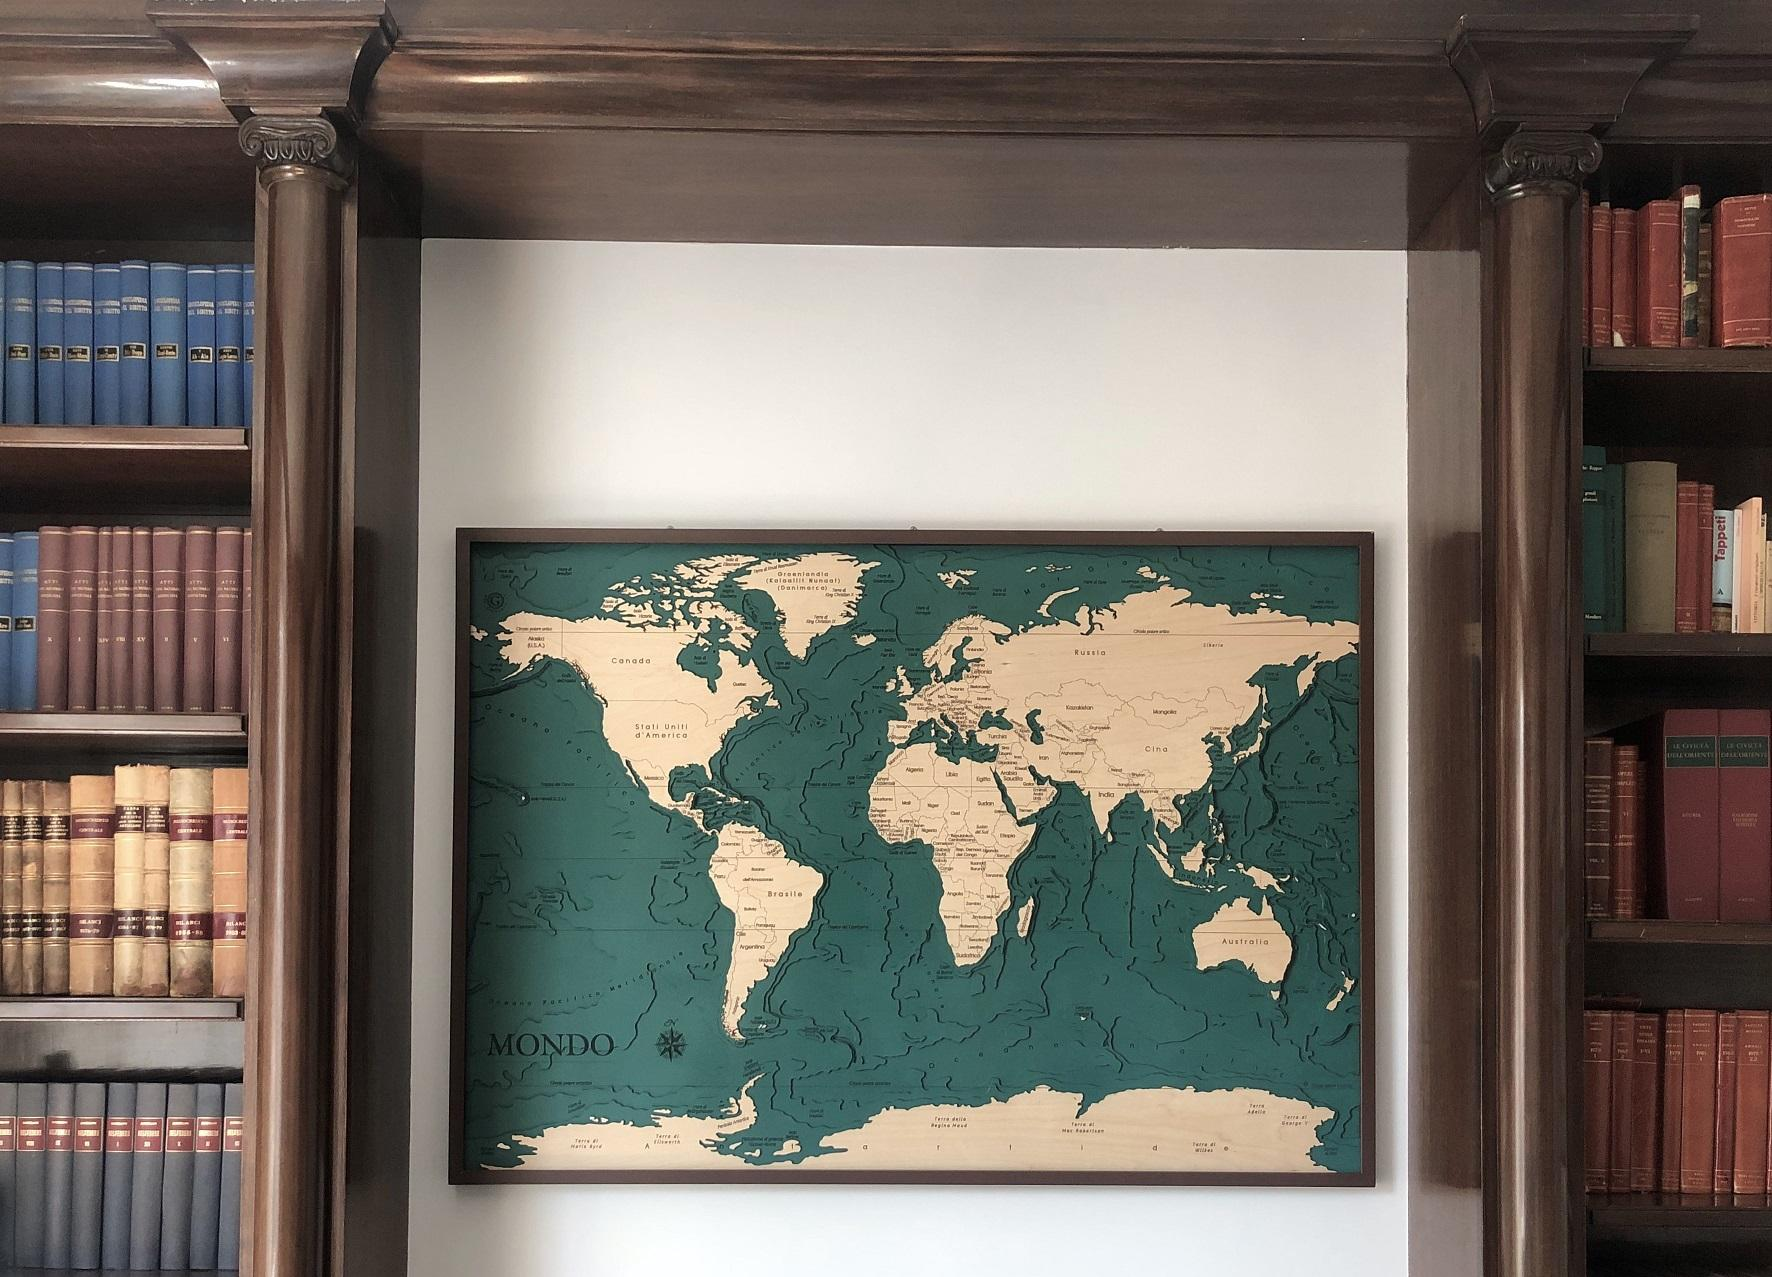 mappa topografica mondo in legno Gecko Art